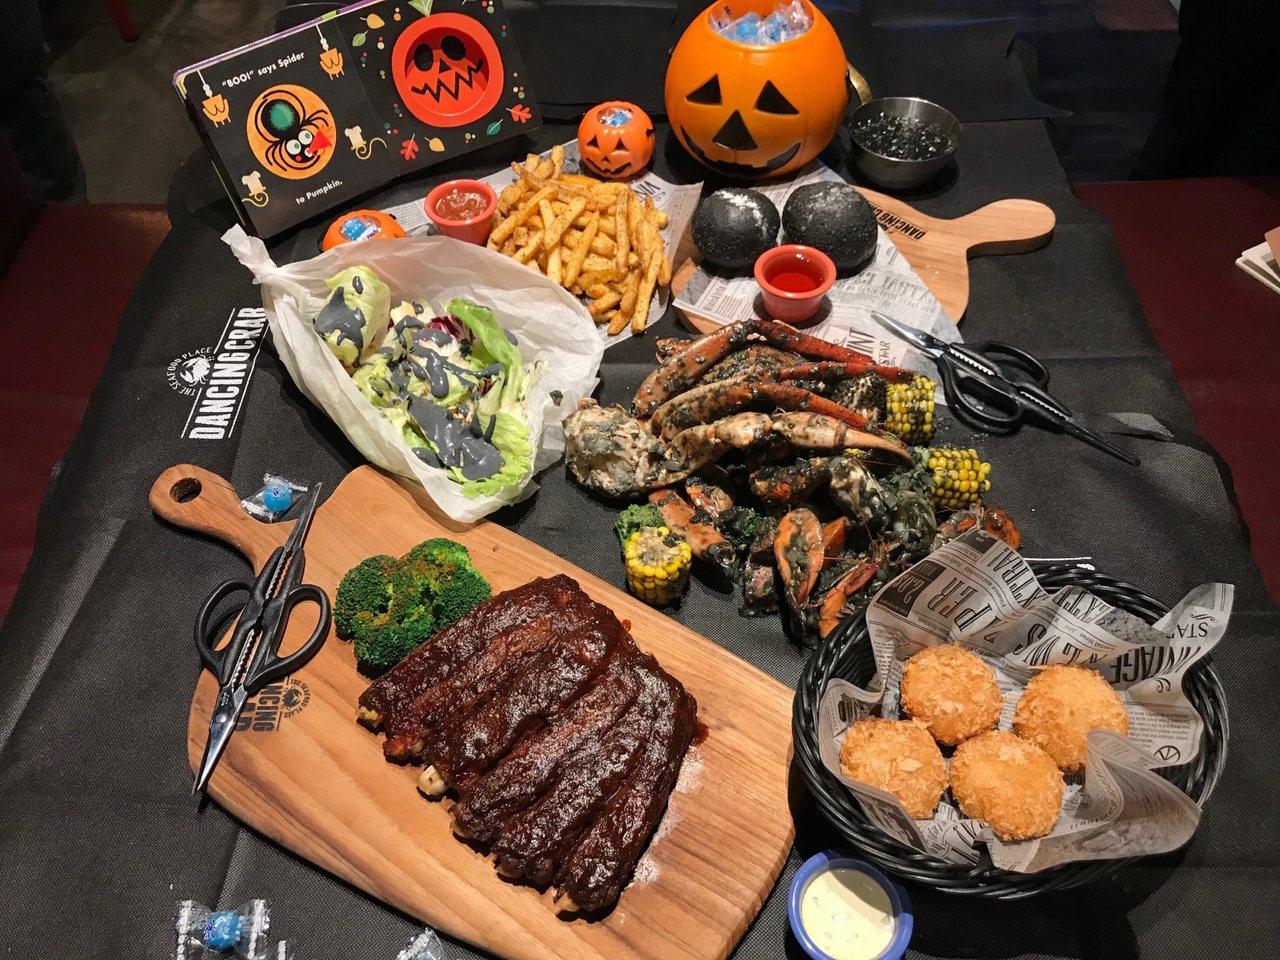 蟹舞手抓海鮮即日起推出「萬聖節派對餐」,每套3,999元。圖/蟹舞提供